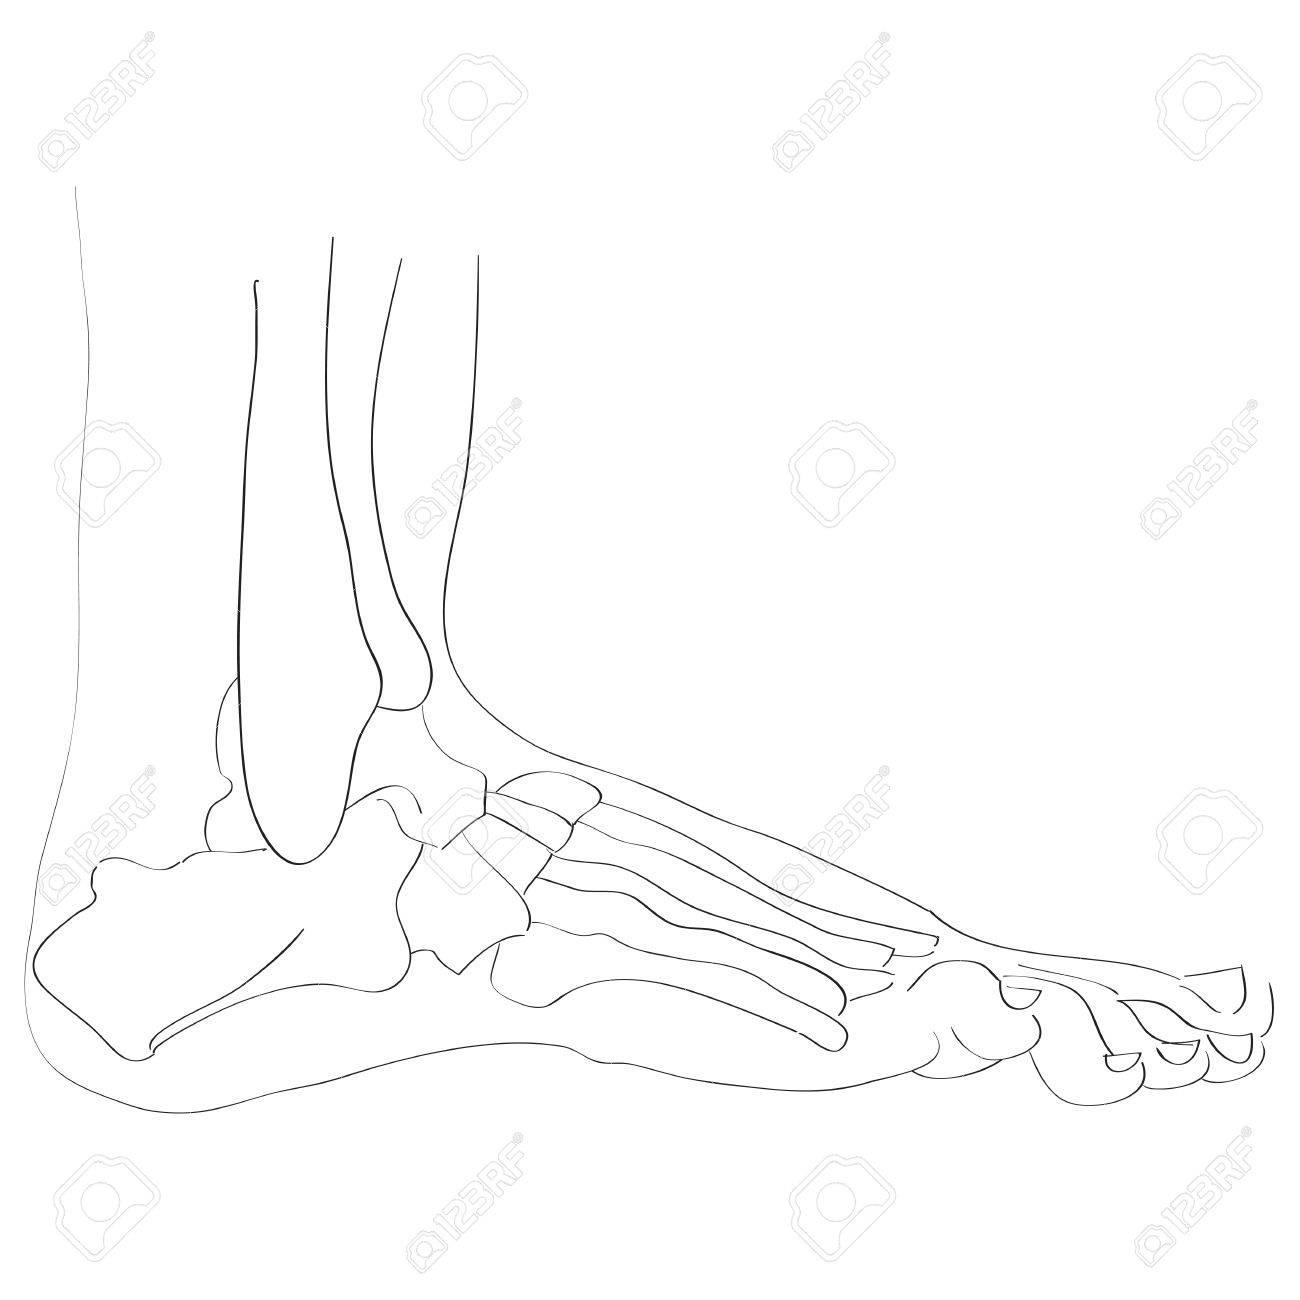 Darstellung der Fußknochen isoliert auf weiß, künstlerisch Anatomie  Grafik-Studie